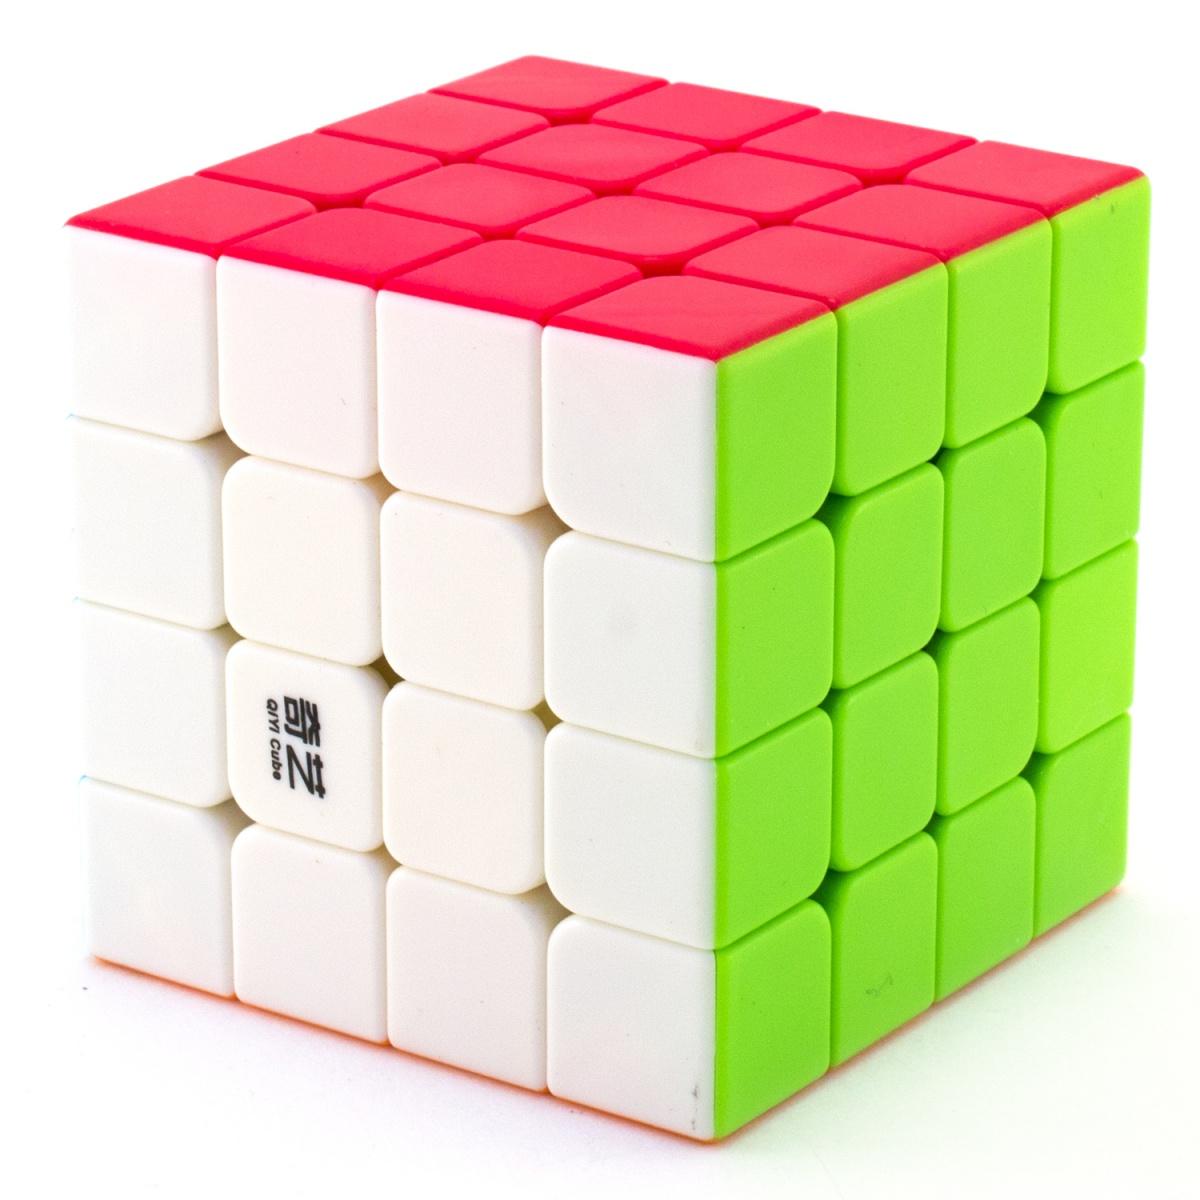 Головоломка Mofangge Кубик Рубика 4X4 Qiyuan (S) головоломка mofangge кубик x man 7x7 spark magnetic